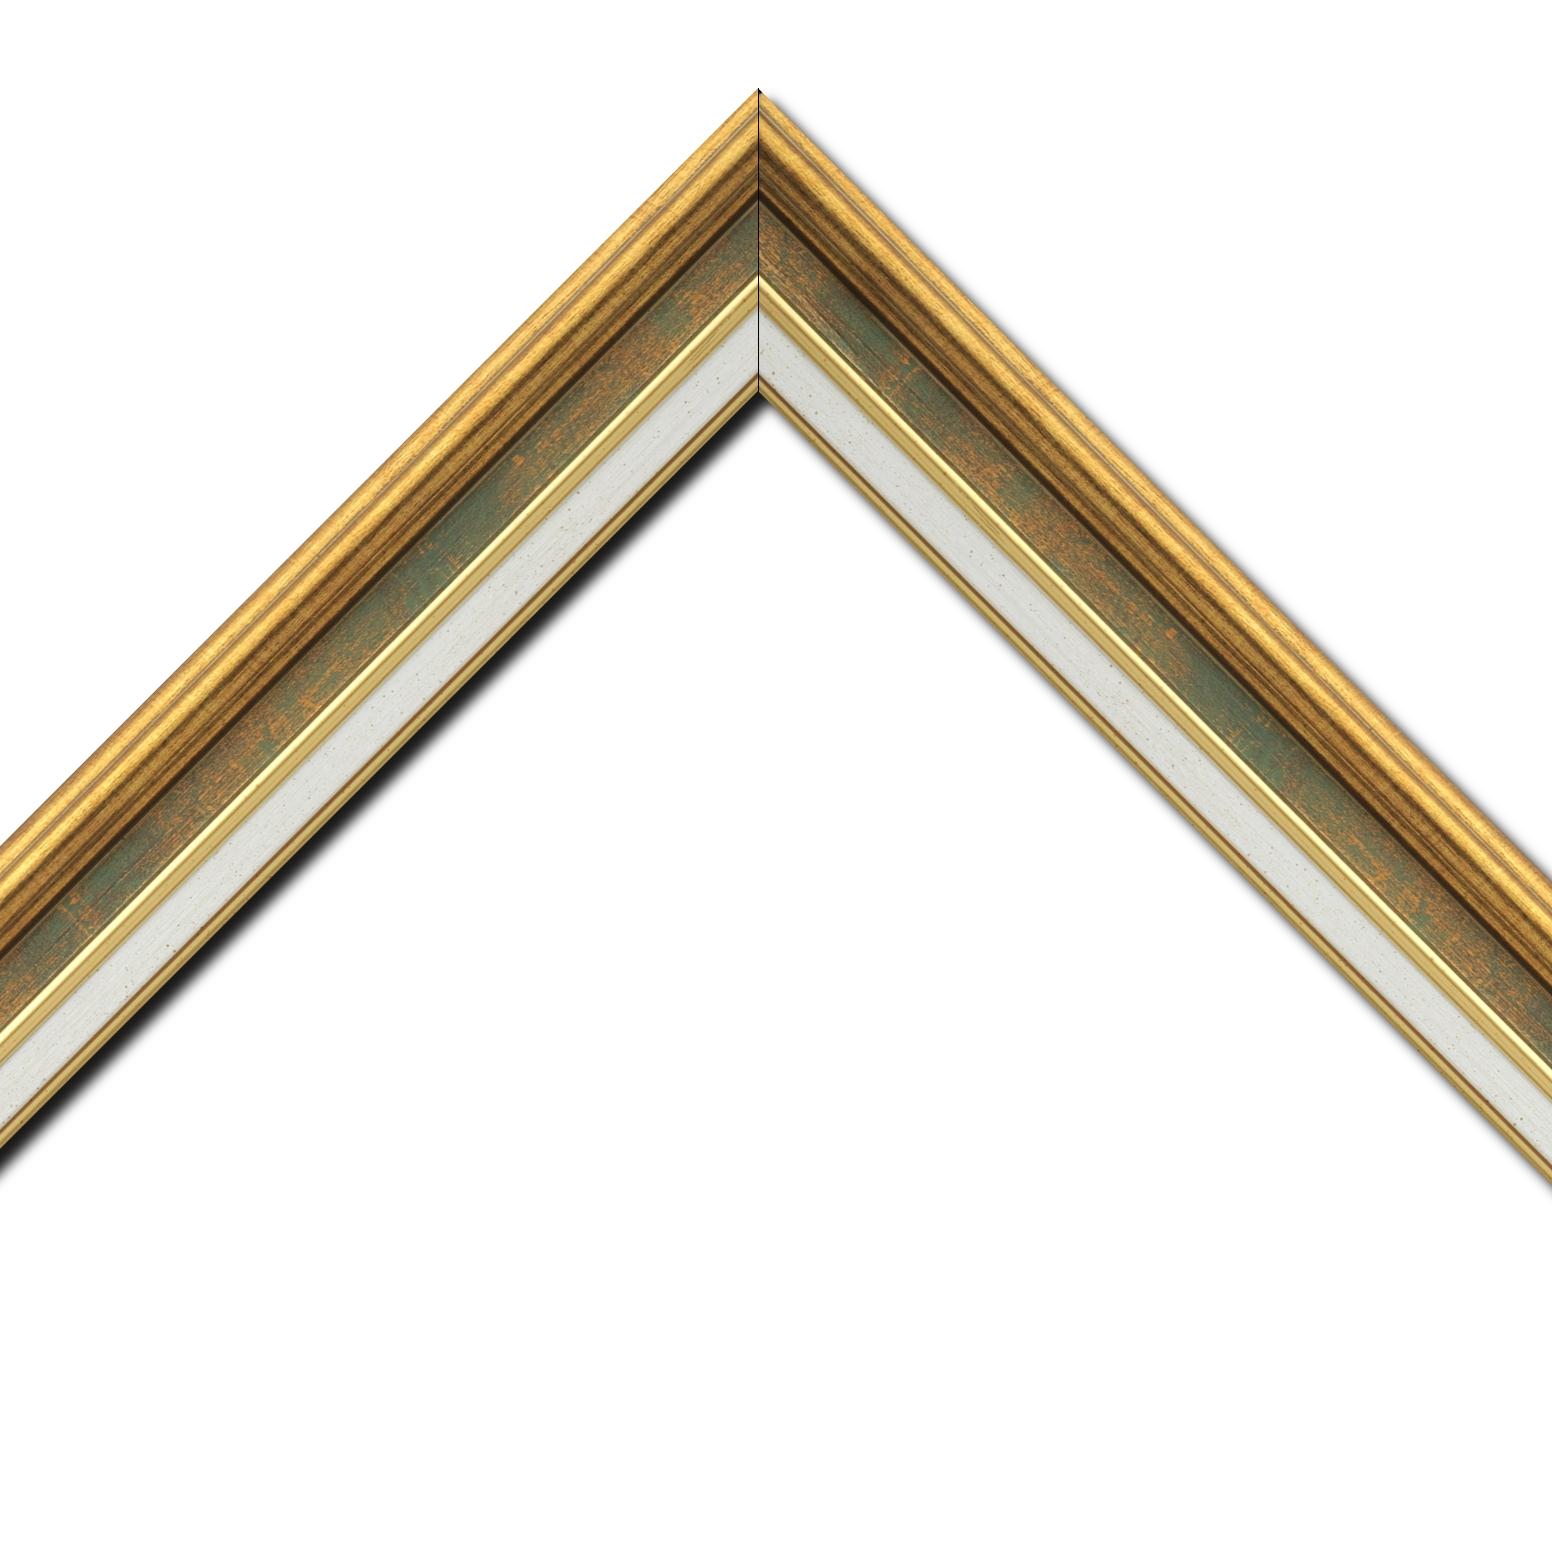 Baguette bois largeur 5.2cm or gorge vert fond or  marie louise crème filet or intégrée